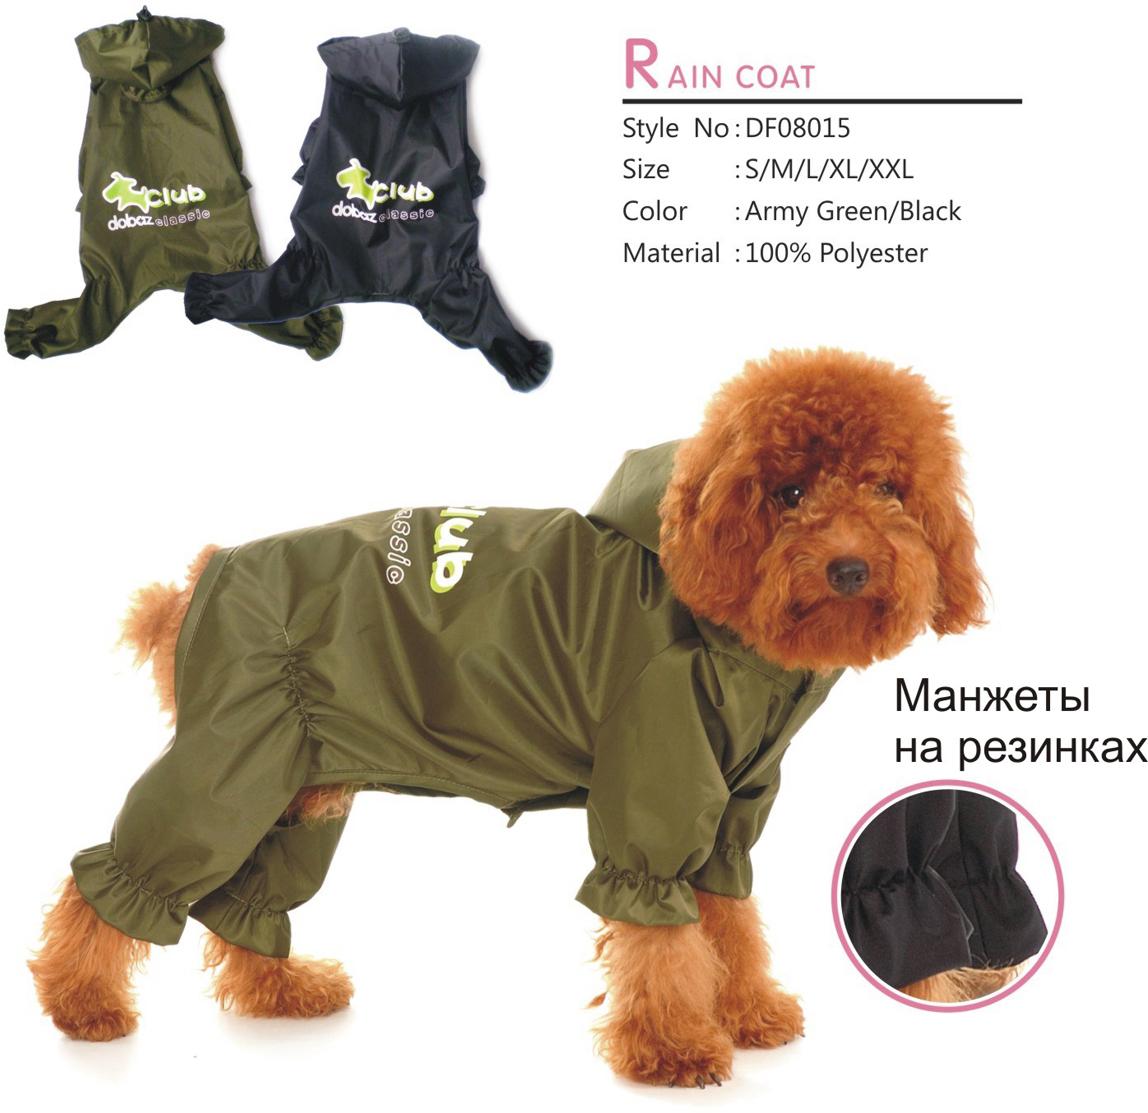 Комбинезон-дождевик для собак Dobaz, цвет: хаки. ДФ08015Б5ХЛ. Размер 5XLДФ08015Б5ХЛКомбинезон-дождевик для собак Dobaz выполнен из болоньевой ткани. Обхват шеи: 51 см.Обхват груди: 79 см.Длина спинки: 56 см.Одежда для собак: нужна ли она и как её выбрать. Статья OZON Гид